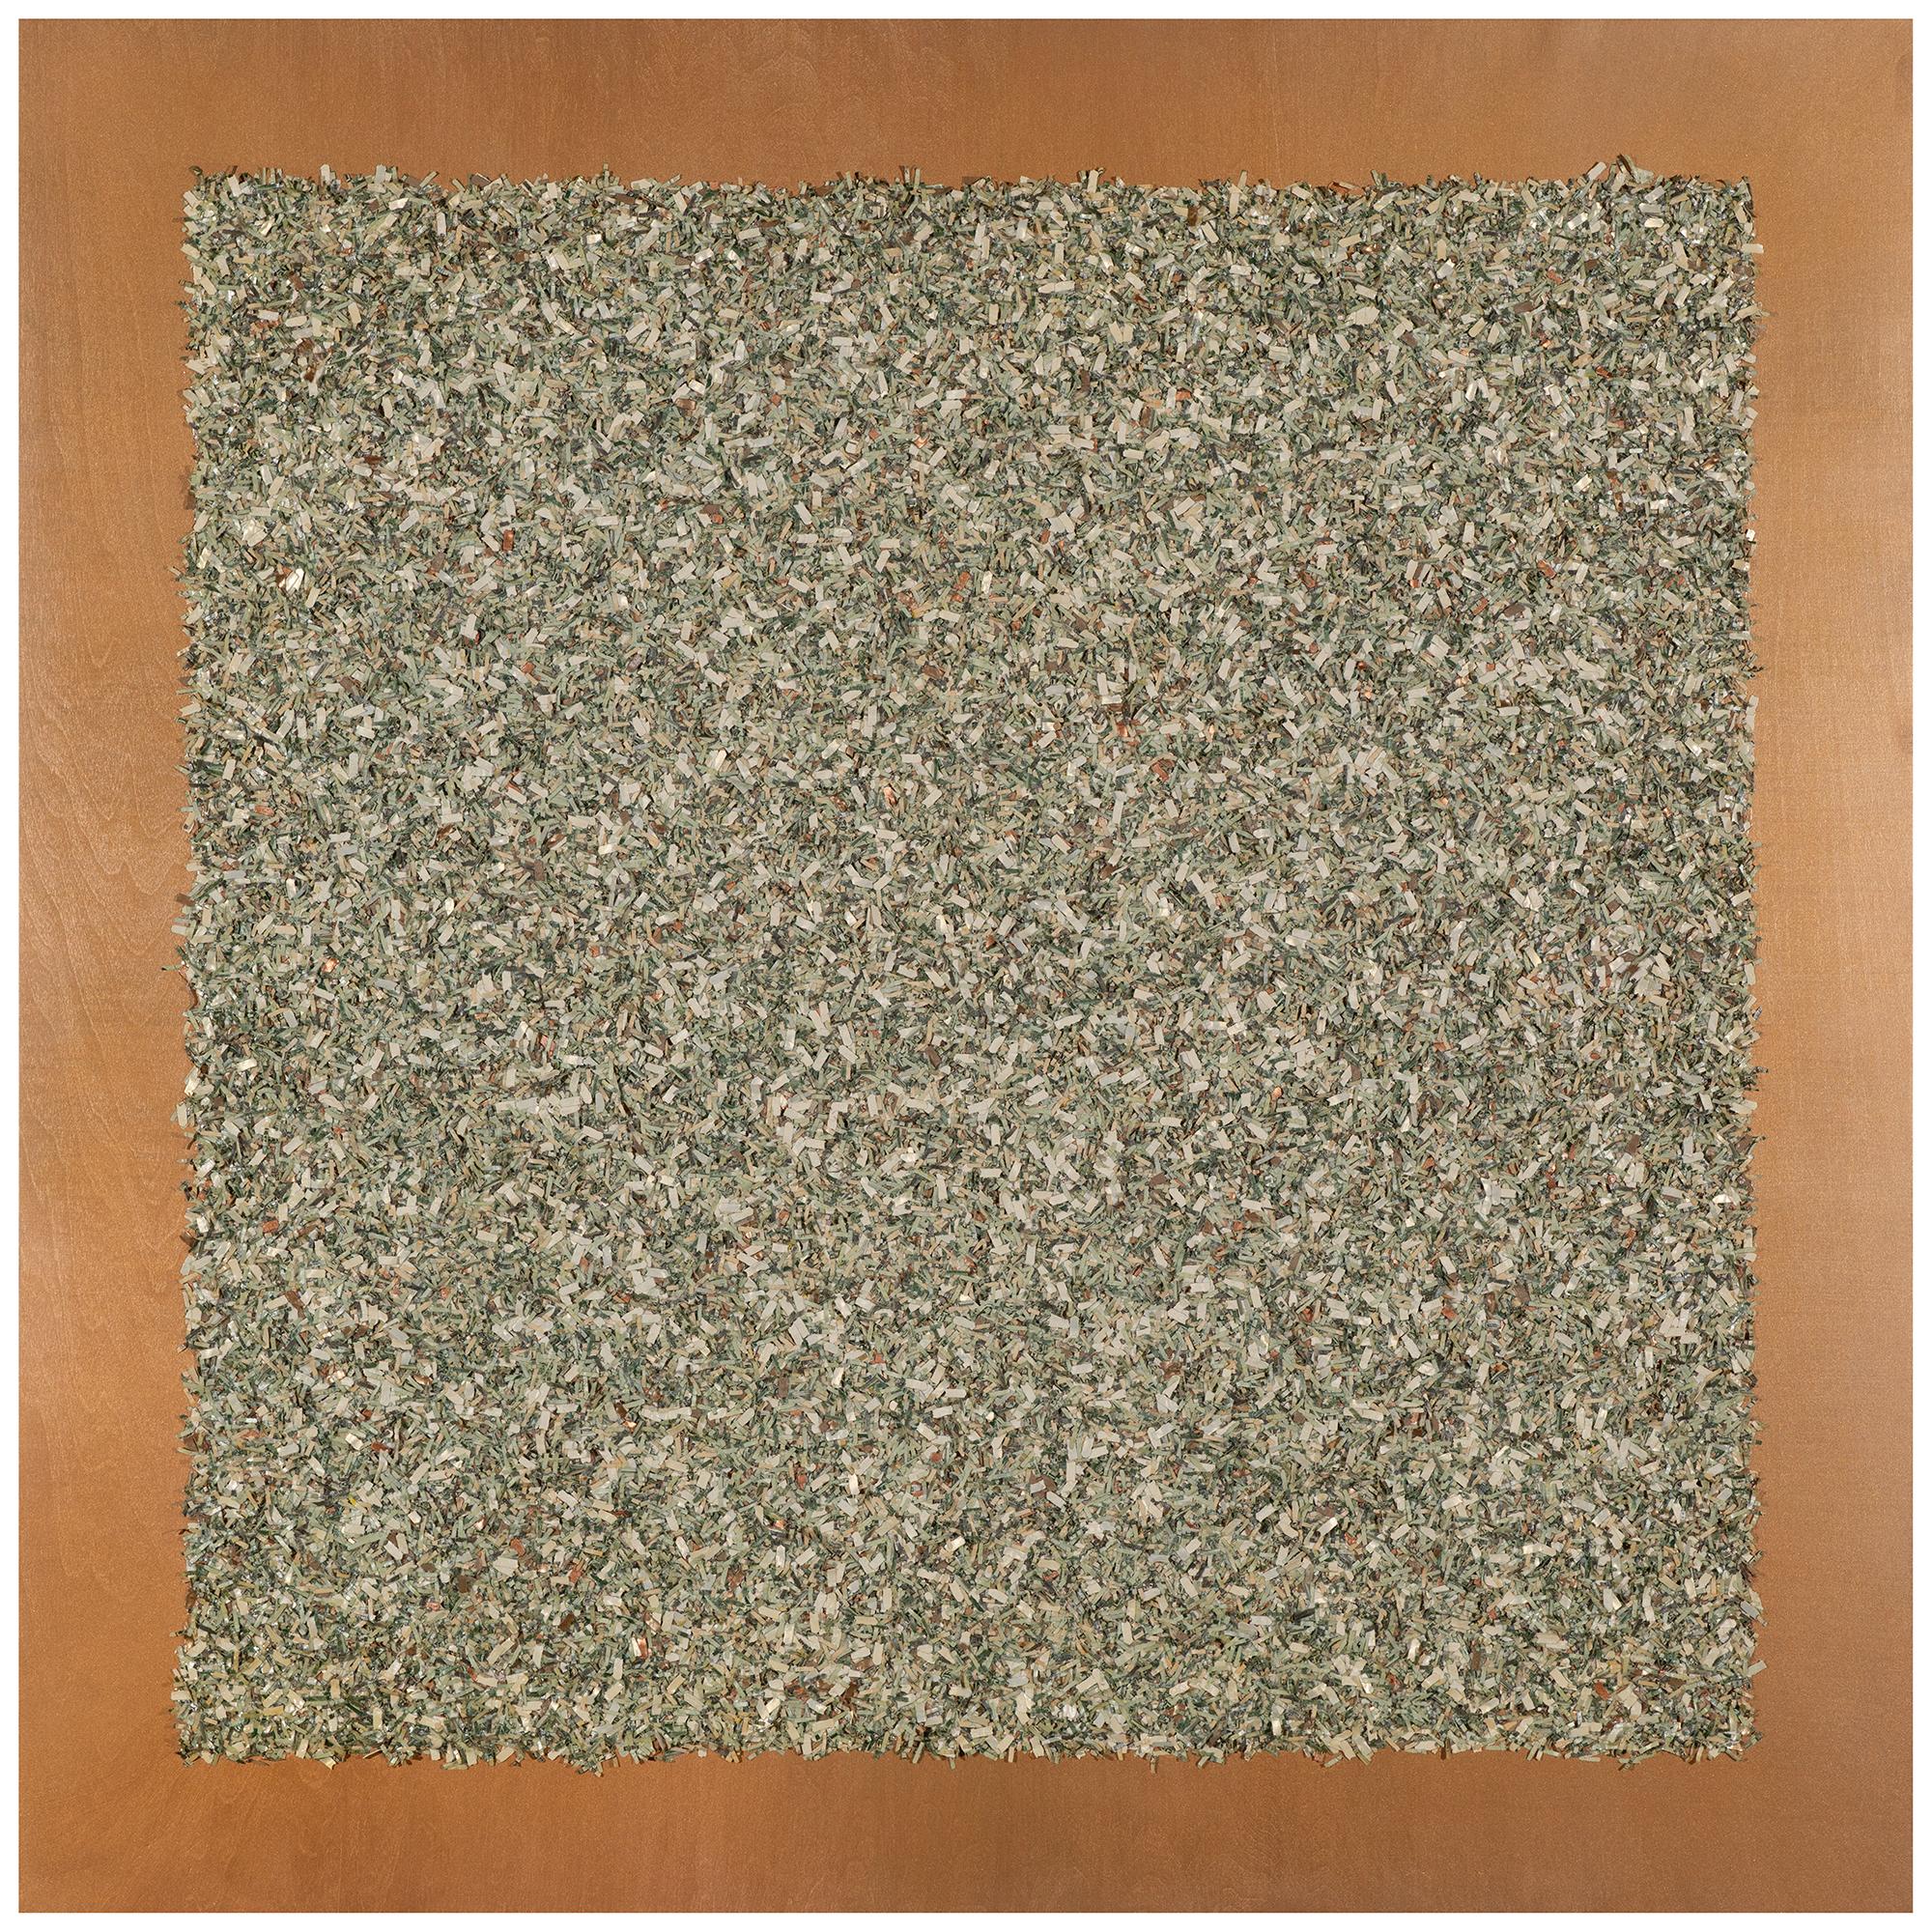 3636.07 Money-Chrome Bronze_LH_2018_AL_36.36.png